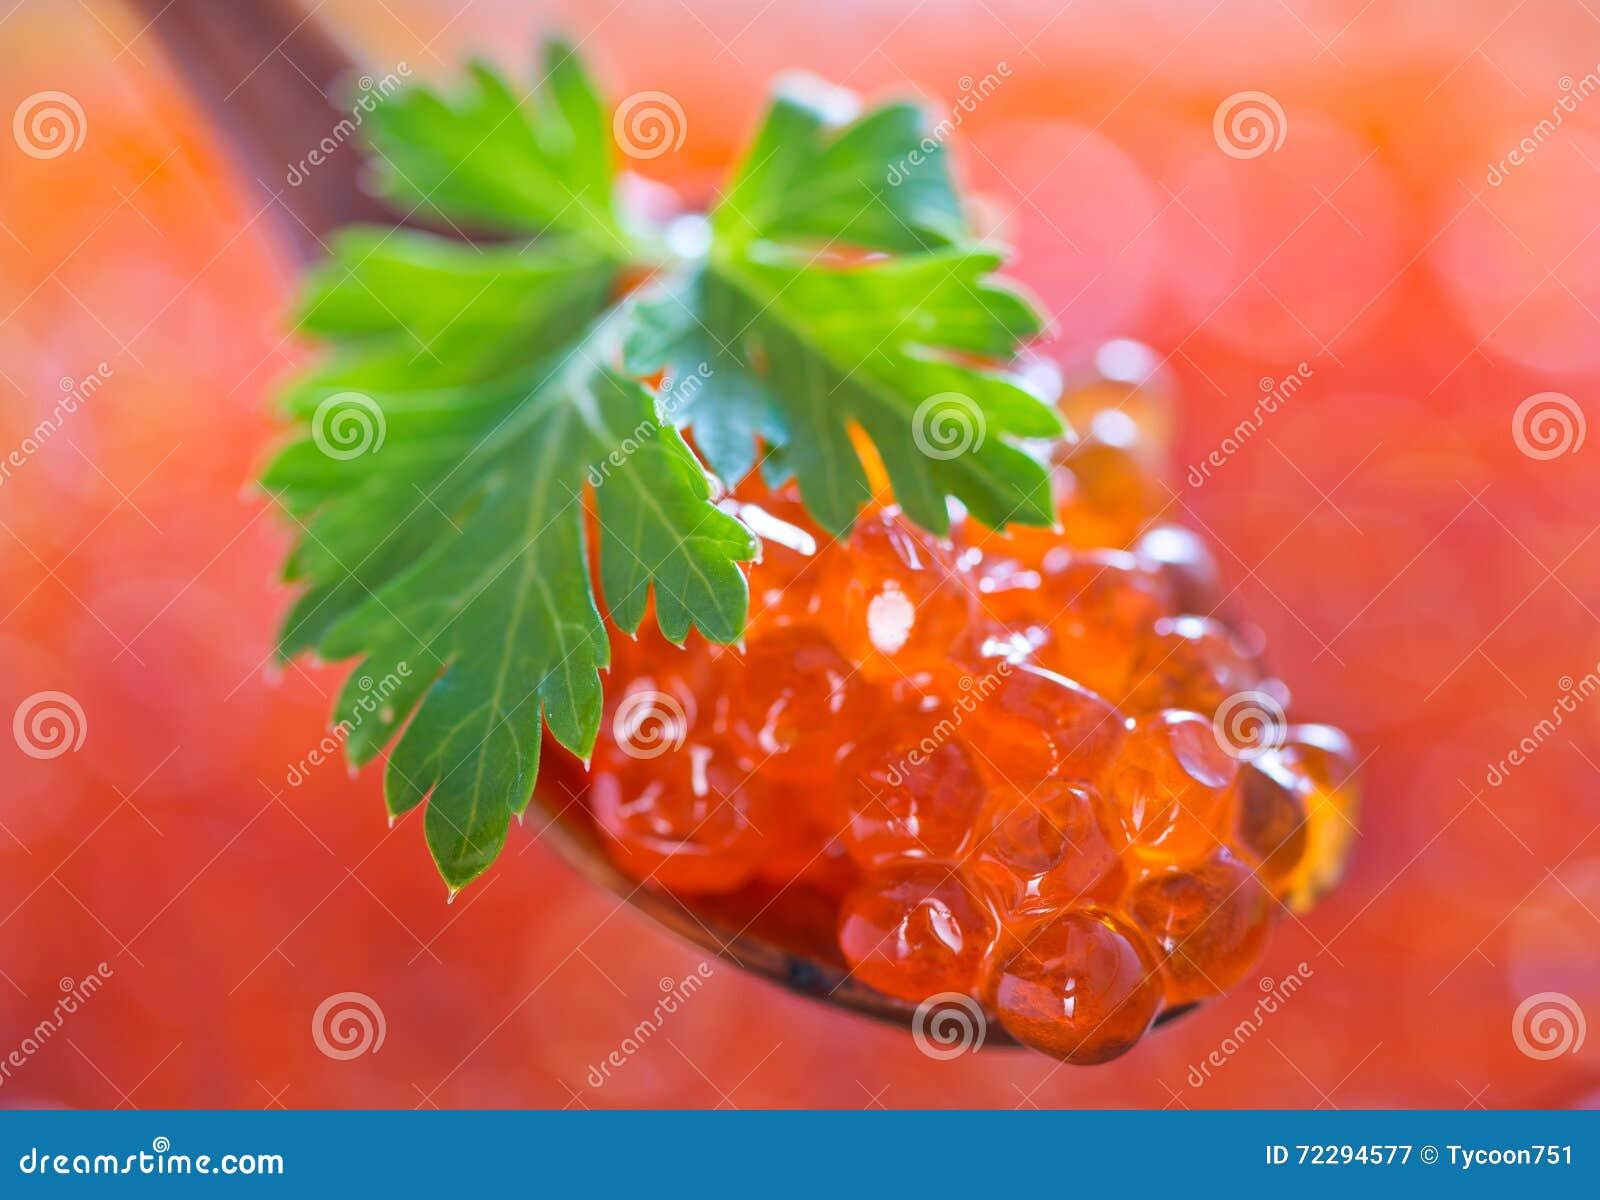 Download Икра красных семг стоковое изображение. изображение насчитывающей померанцово - 72294577